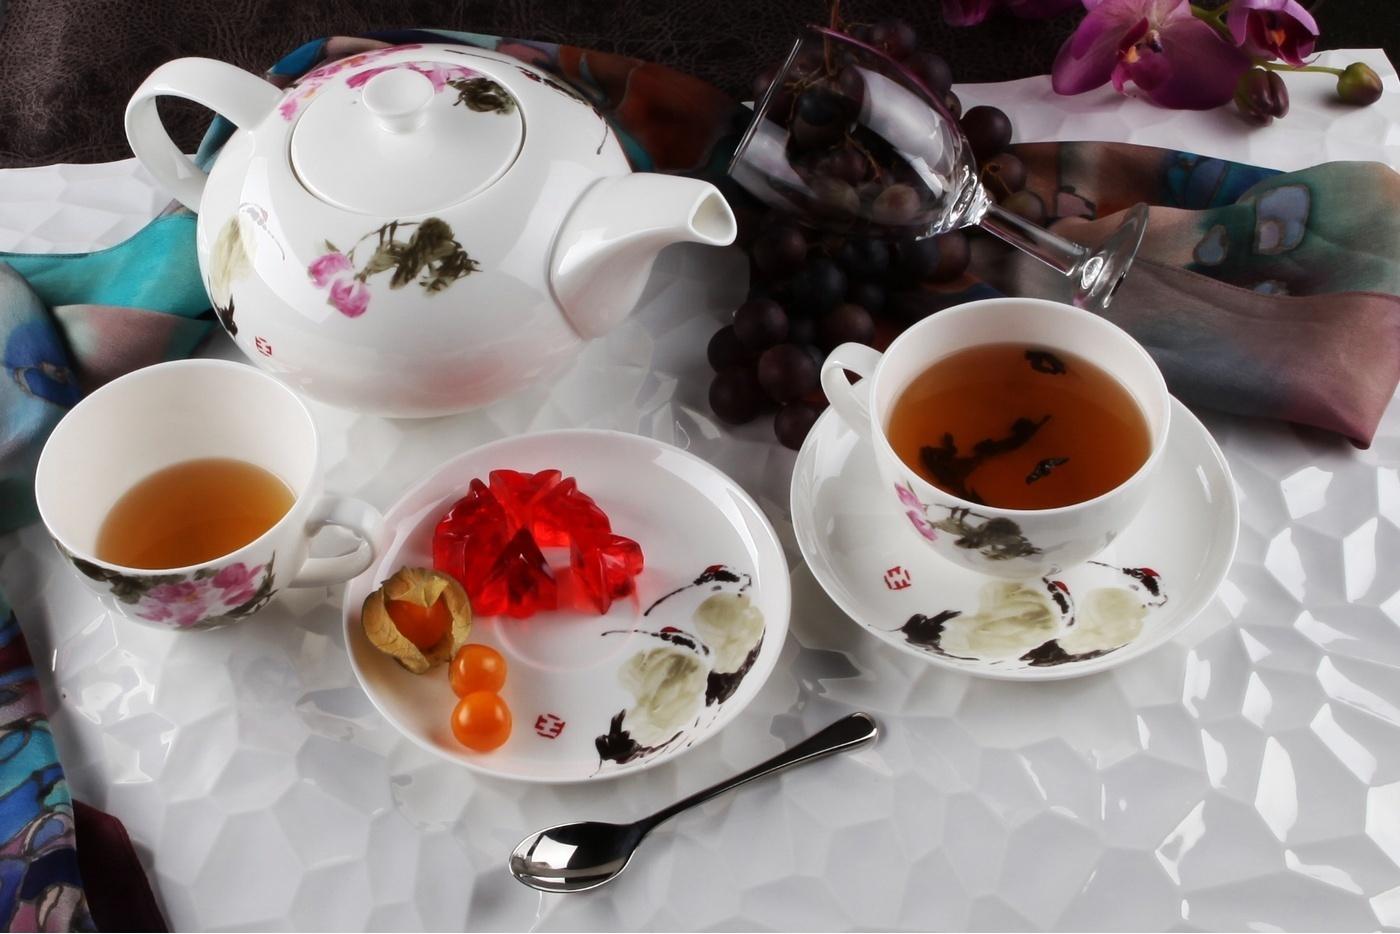 Чайный сервиз Royal Aurel Дикая роза арт.140, 13 предметовЧайные сервизы<br>Чайный сервиз Royal Aurel Дикая роза арт.140, 13 предметов<br><br><br><br><br><br><br><br><br><br><br>Чашка 300 мл,6 шт.<br>Блюдце 15 см,6 шт.<br>Чайник 1300 мл<br><br><br><br><br><br><br>Производить посуду из фарфора начали в Китае на стыке 6-7 веков. Неустанно совершенствуя и селективно отбирая сырье для производства посуды из фарфора, мастерам удалось добиться выдающихся характеристик фарфора: белизны и тонкостенности. В XV веке появился особый интерес к китайской фарфоровой посуде, так как в это время Европе возникла мода на самобытные китайские вещи. Роскошный китайский фарфор являлся изыском и был в новинку, поэтому он выступал в качестве подарка королям, а также знатным людям. Такой дорогой подарок был очень престижен и по праву являлся элитной посудой. Как известно из многочисленных исторических документов, в Европе китайские изделия из фарфора ценились практически как золото. <br>Проверка изделий из костяного фарфора на подлинность <br>По сравнению с производством других видов фарфора процесс производства изделий из настоящего костяного фарфора сложен и весьма длителен. Посуда из изящного фарфора - это элитная посуда, которая всегда ассоциируется с богатством, величием и благородством. Несмотря на небольшую толщину, фарфоровая посуда - это очень прочное изделие. Для демонстрации плотности и прочности фарфора можно легко коснуться предметов посуды из фарфора деревянной палочкой, и тогда мы услушим характерный металлический звон. В составе фарфоровой посуды присутствует костяная зола, благодаря чему она может быть намного тоньше (не более 2,5 мм) и легче твердого или мягкого фарфора. Безупречная белизна - ключевой признак отличия такого фарфора от других. Цвет обычного фарфора сероватый или ближе к голубоватому, а костяной фарфор будет всегда будет молочно-белого цвета. Характерная и немаловажная деталь - это невесомая прозрачность изделий из фарфора такая, что сквозь него проходит св